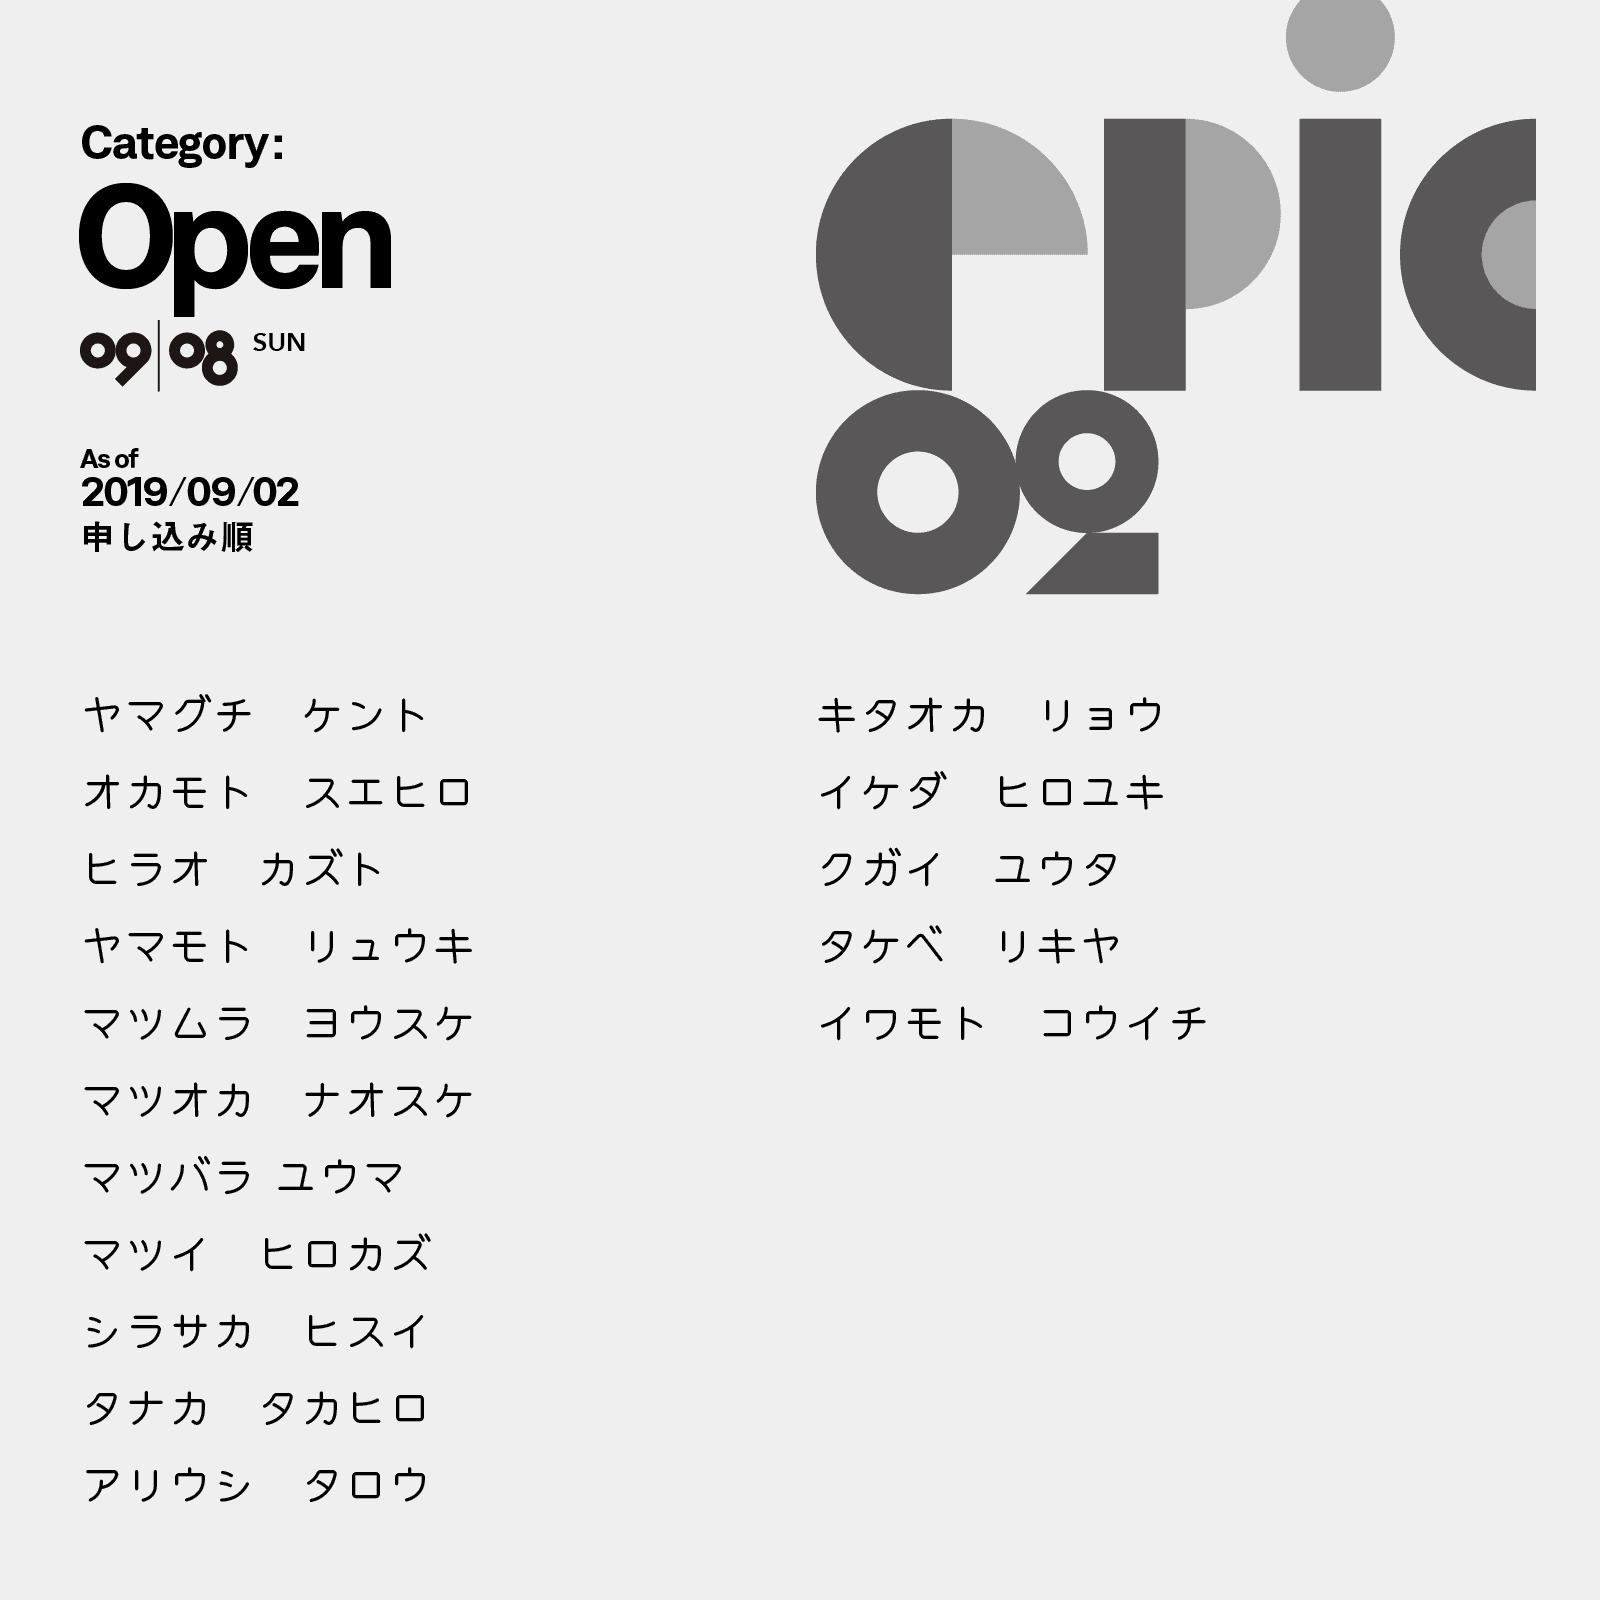 Openカテゴリー参加者リスト